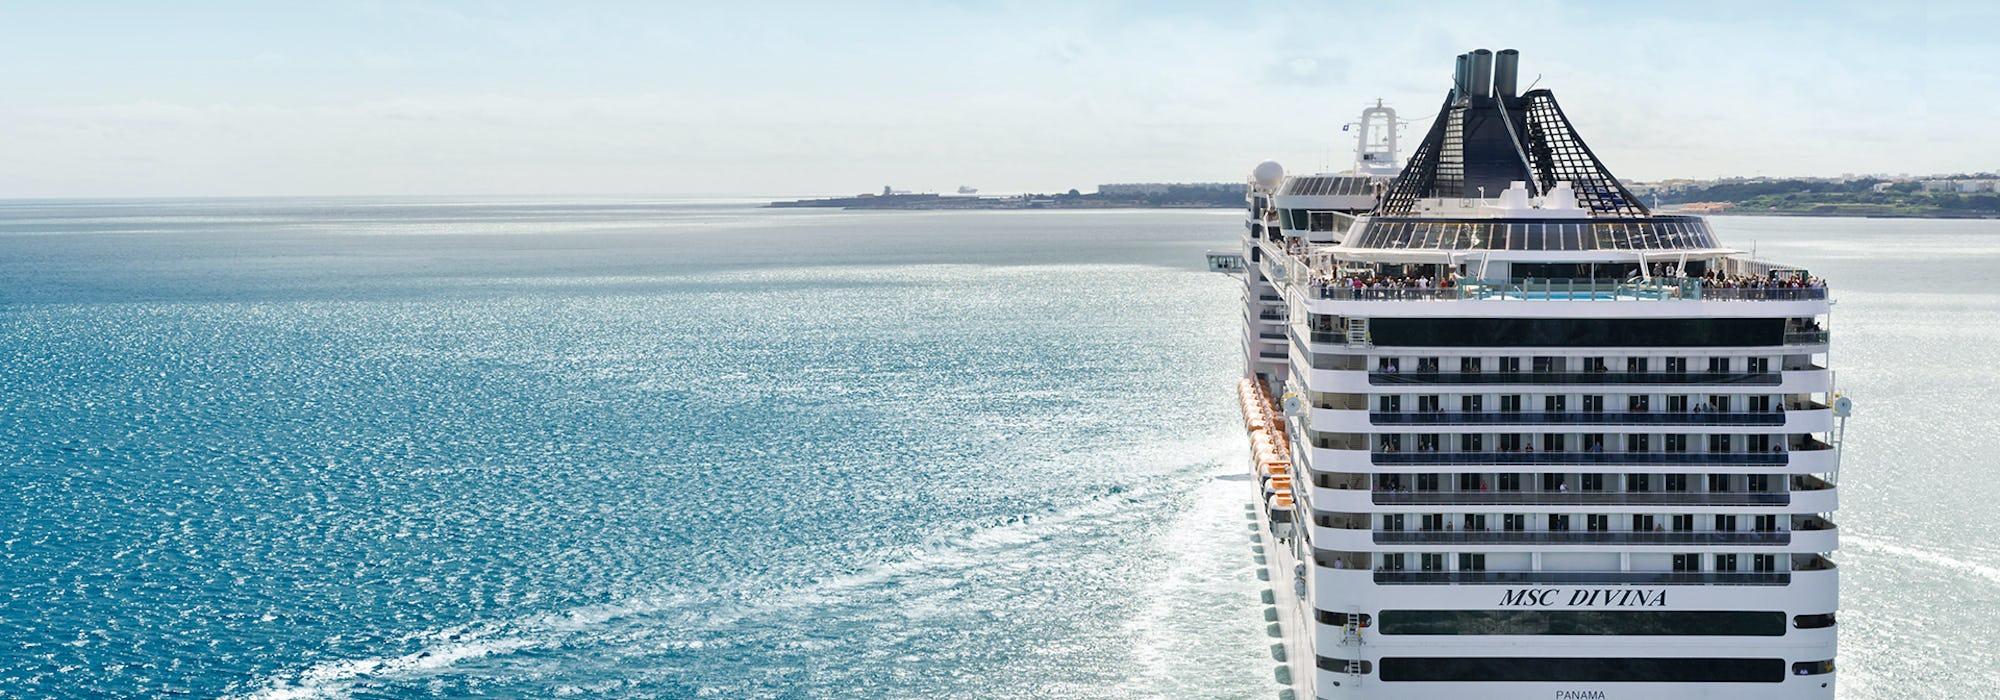 Bild på aktern på MSC Divina som närmar sig en hamn.